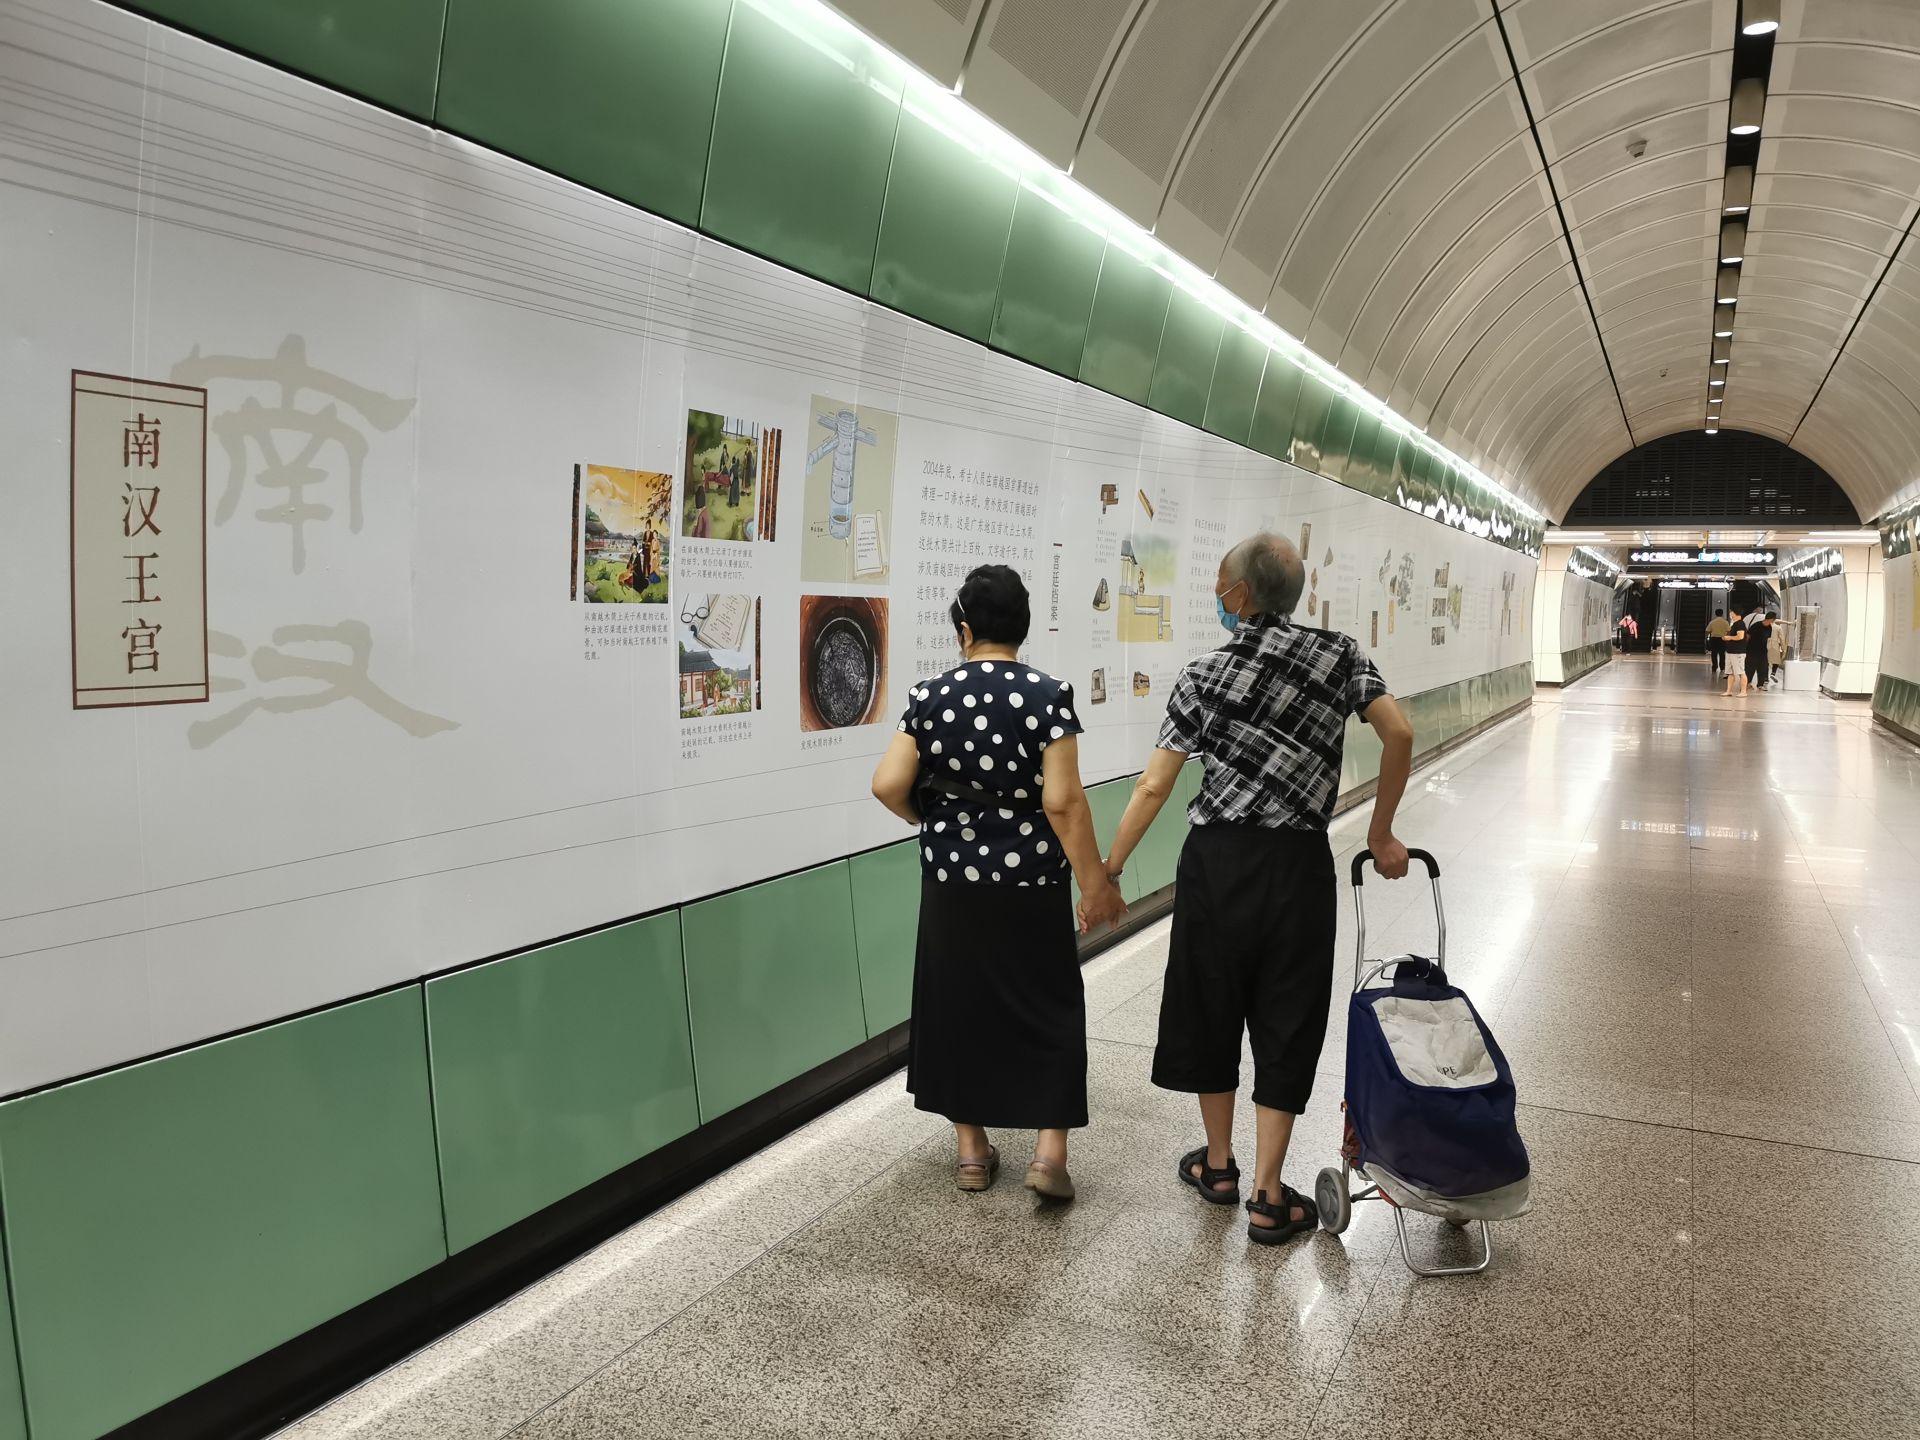 明天起,来越秀公园地铁站看考古展